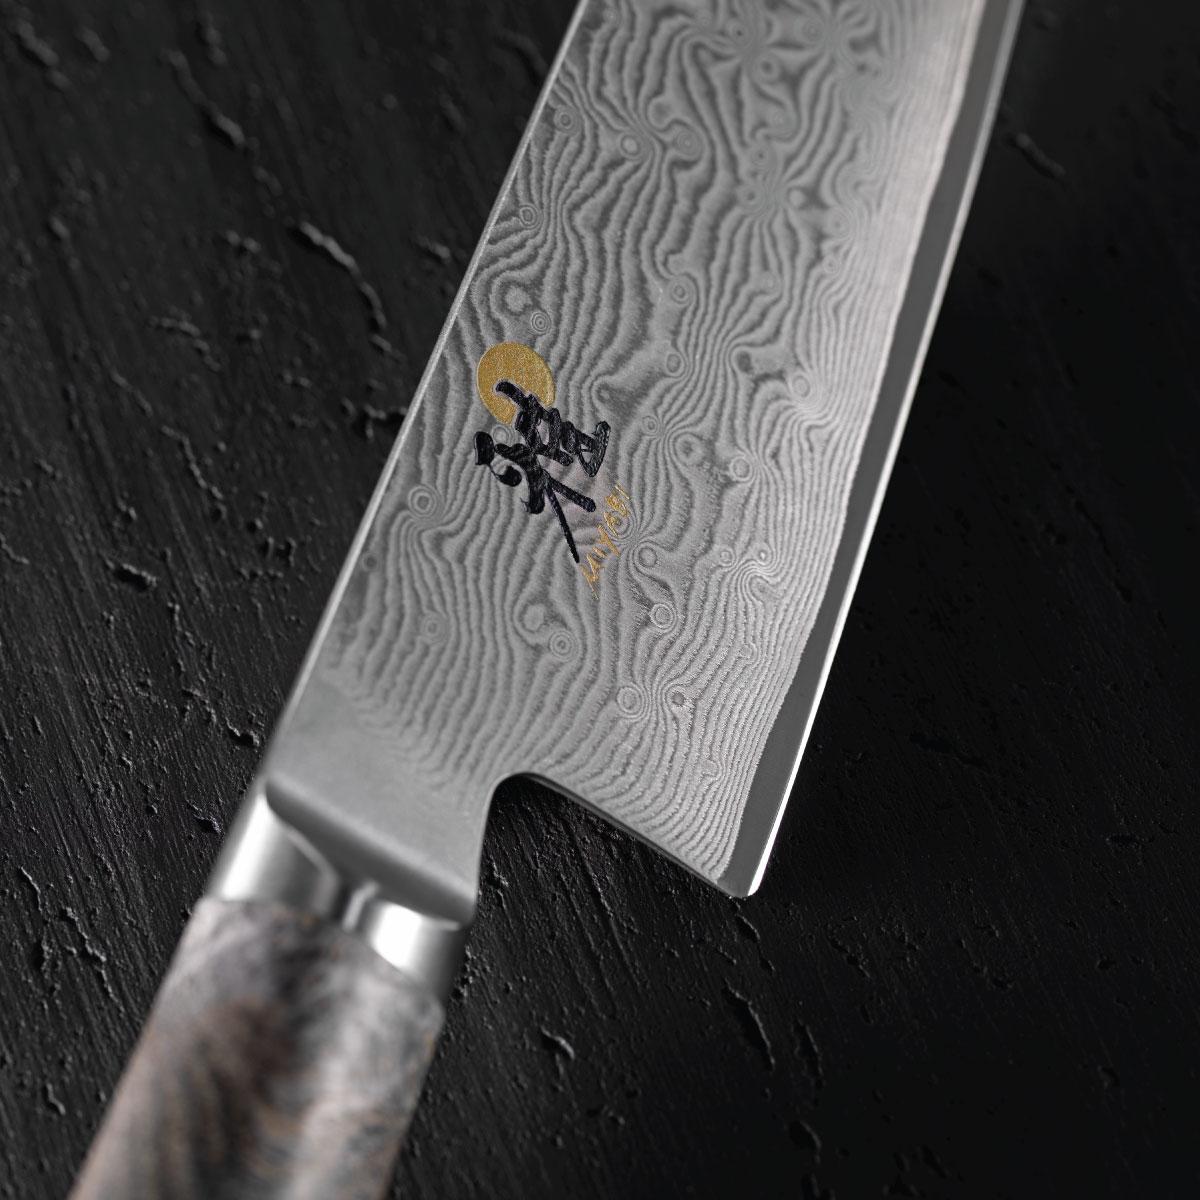 Dao Chef 5000MCD 67 Miyabi 15cm là dòng dao đặc biệt nhất với thiết kế sang trọng xen lẫn sự cổ điển